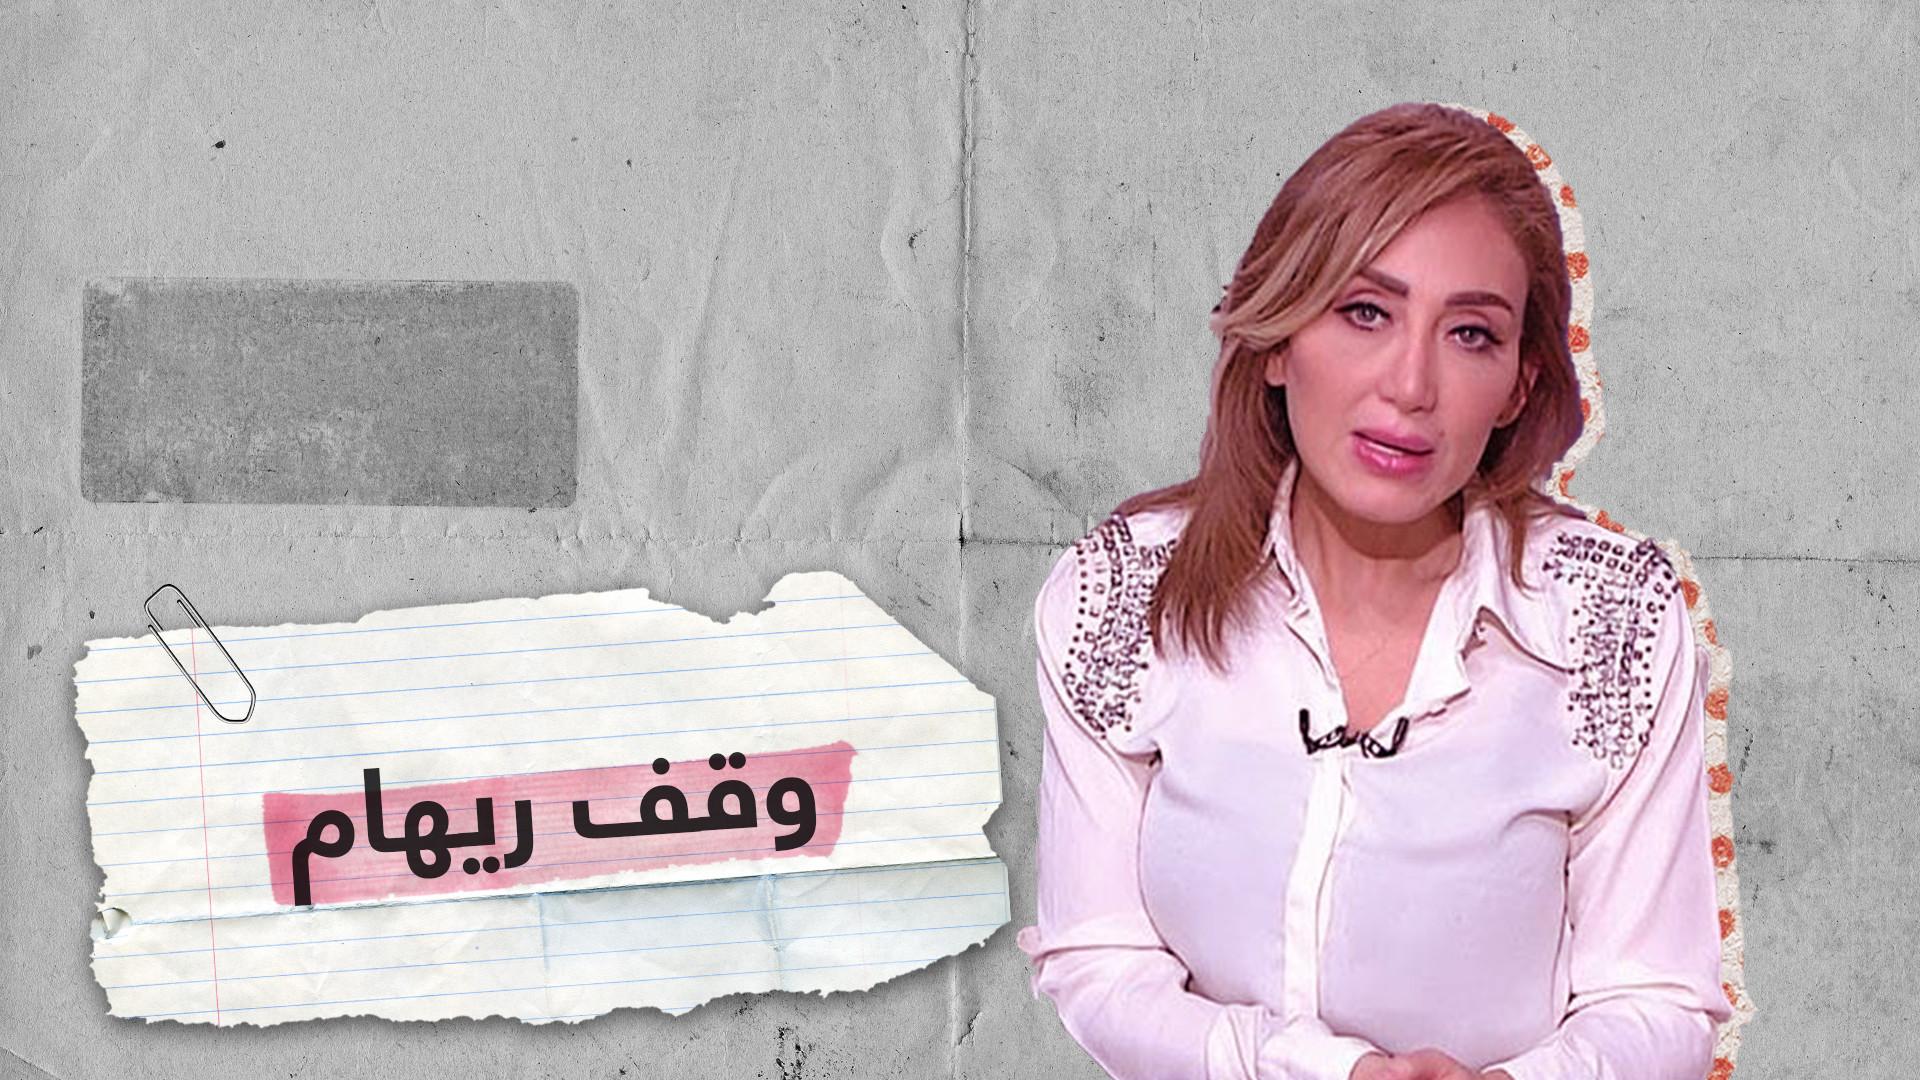 """""""هتقرب لربنا"""".. ريهام سعيد تعلن اعتزال العمل الإعلامي بعد إساءتها لأصحاب الوزن الزائد"""